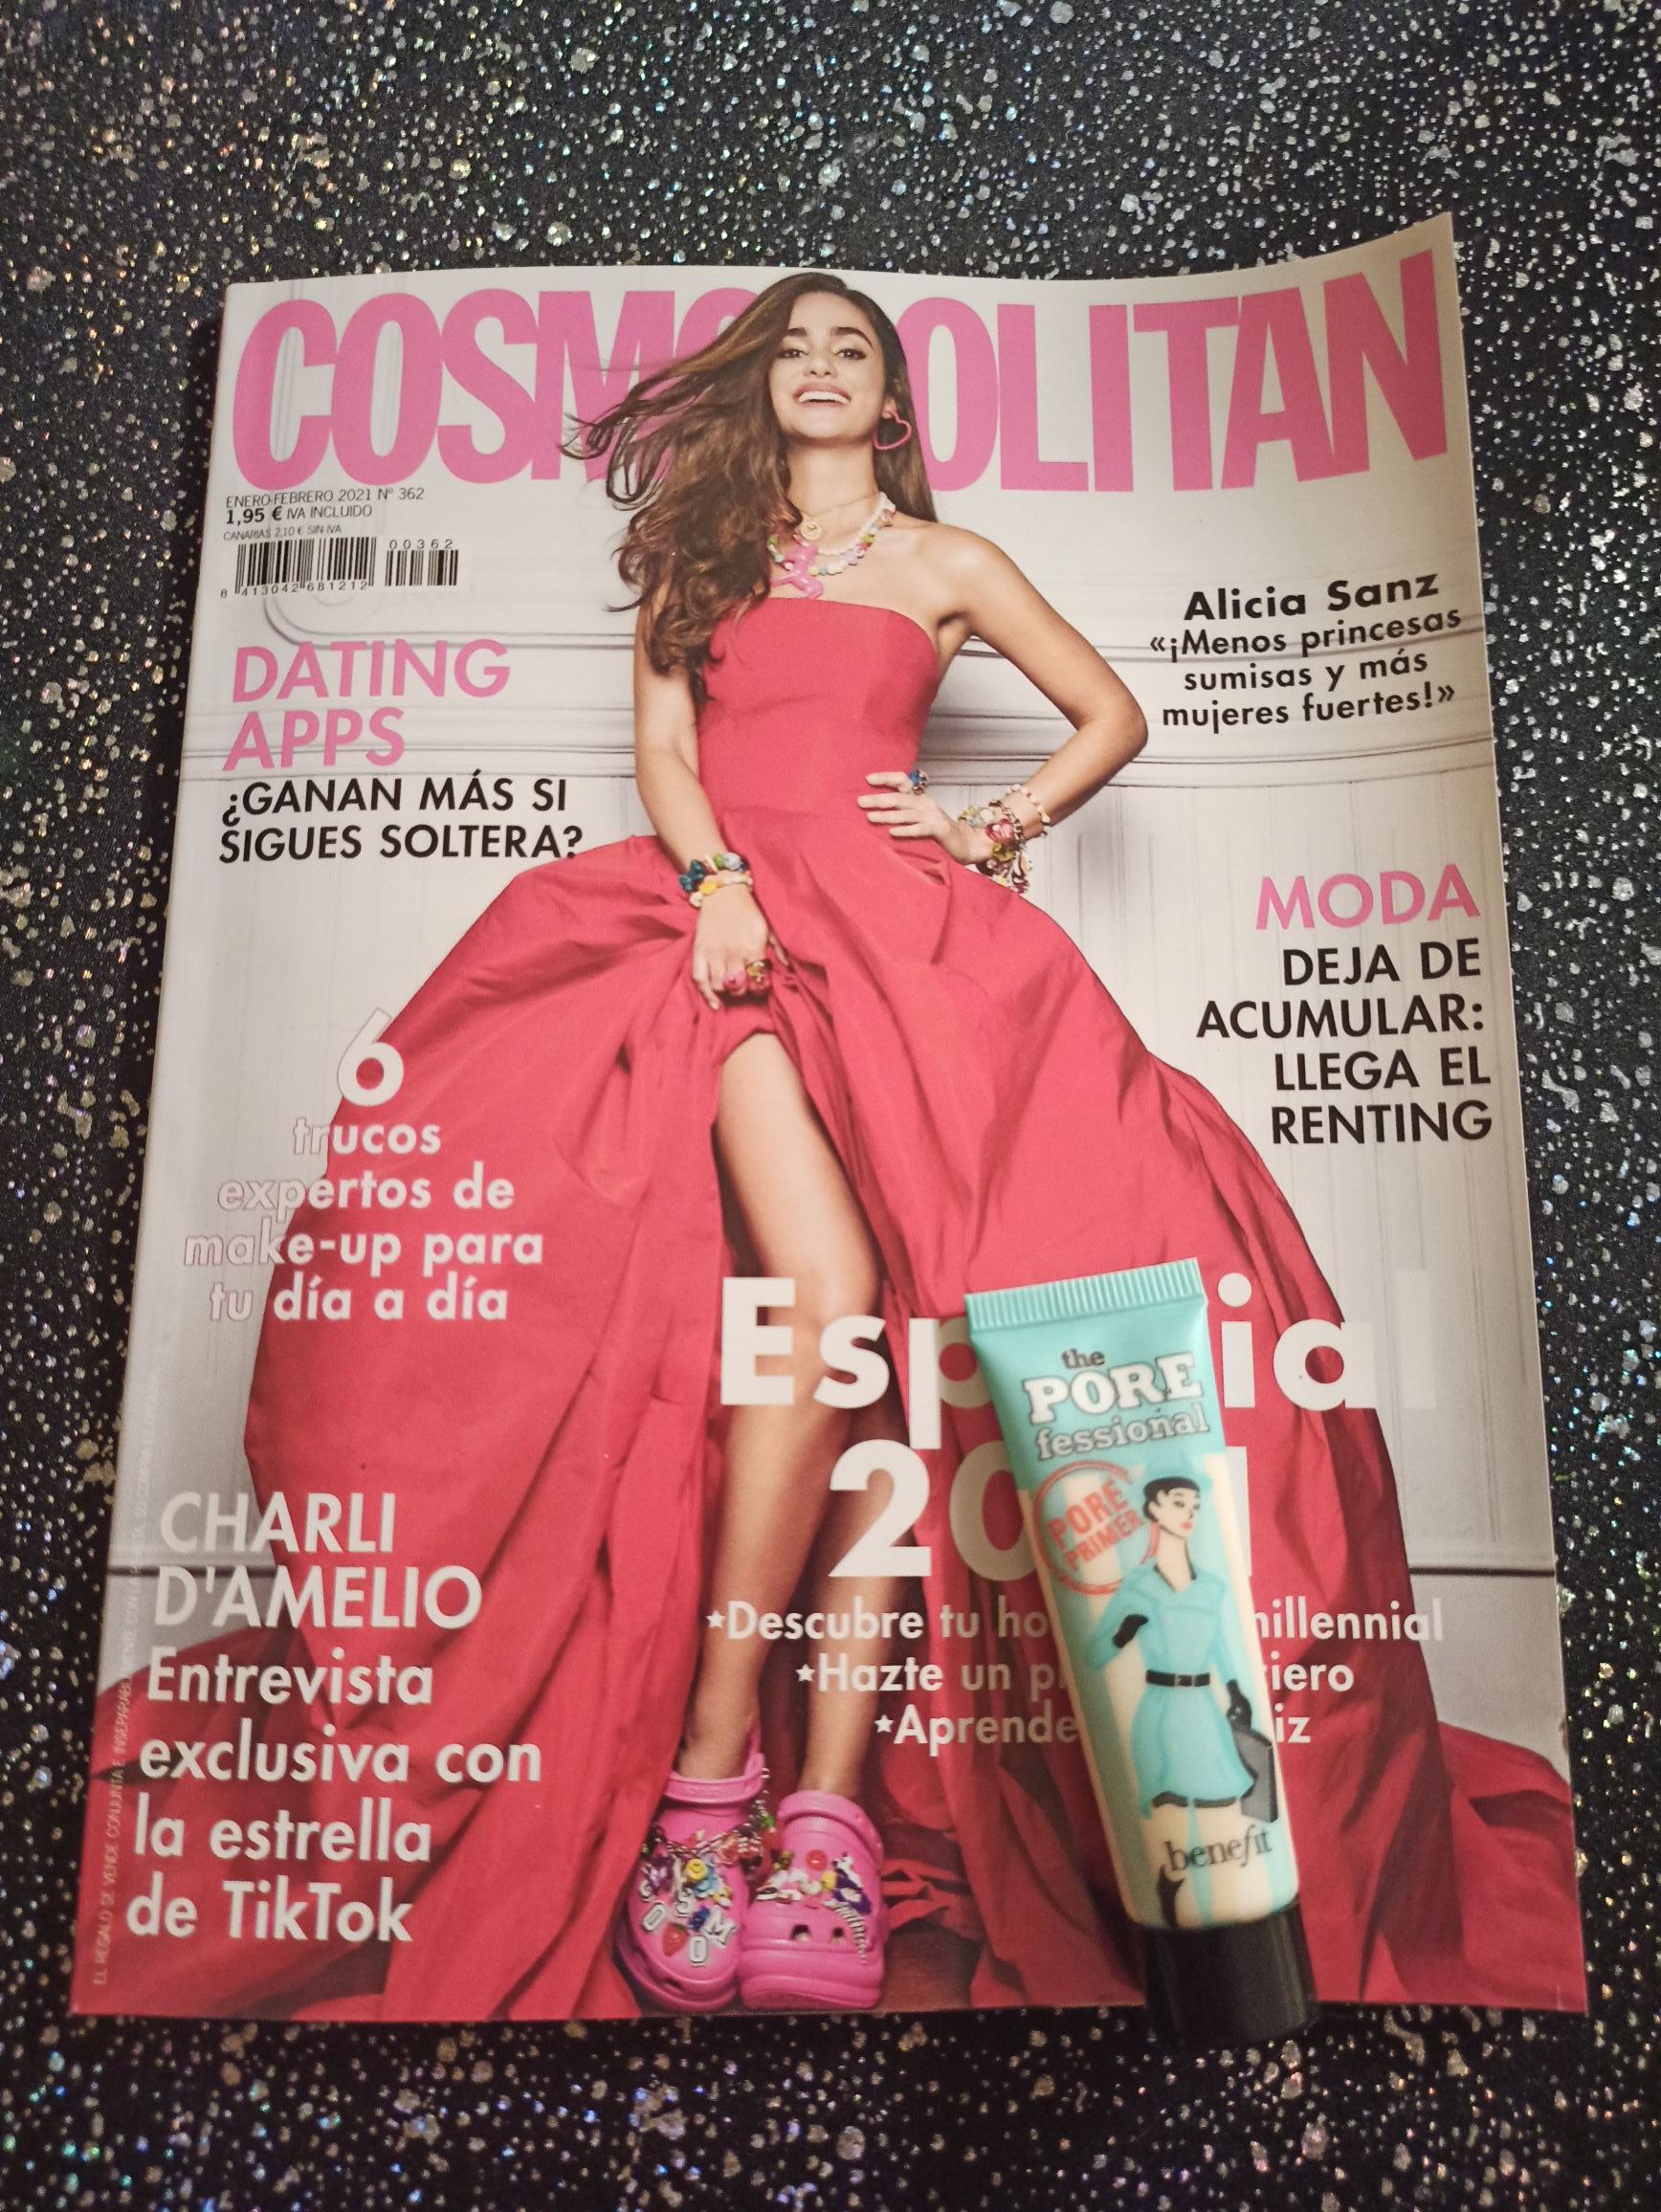 Prebase de maquillaje Benefit minimizador de poros con la revista Cosmopolitan